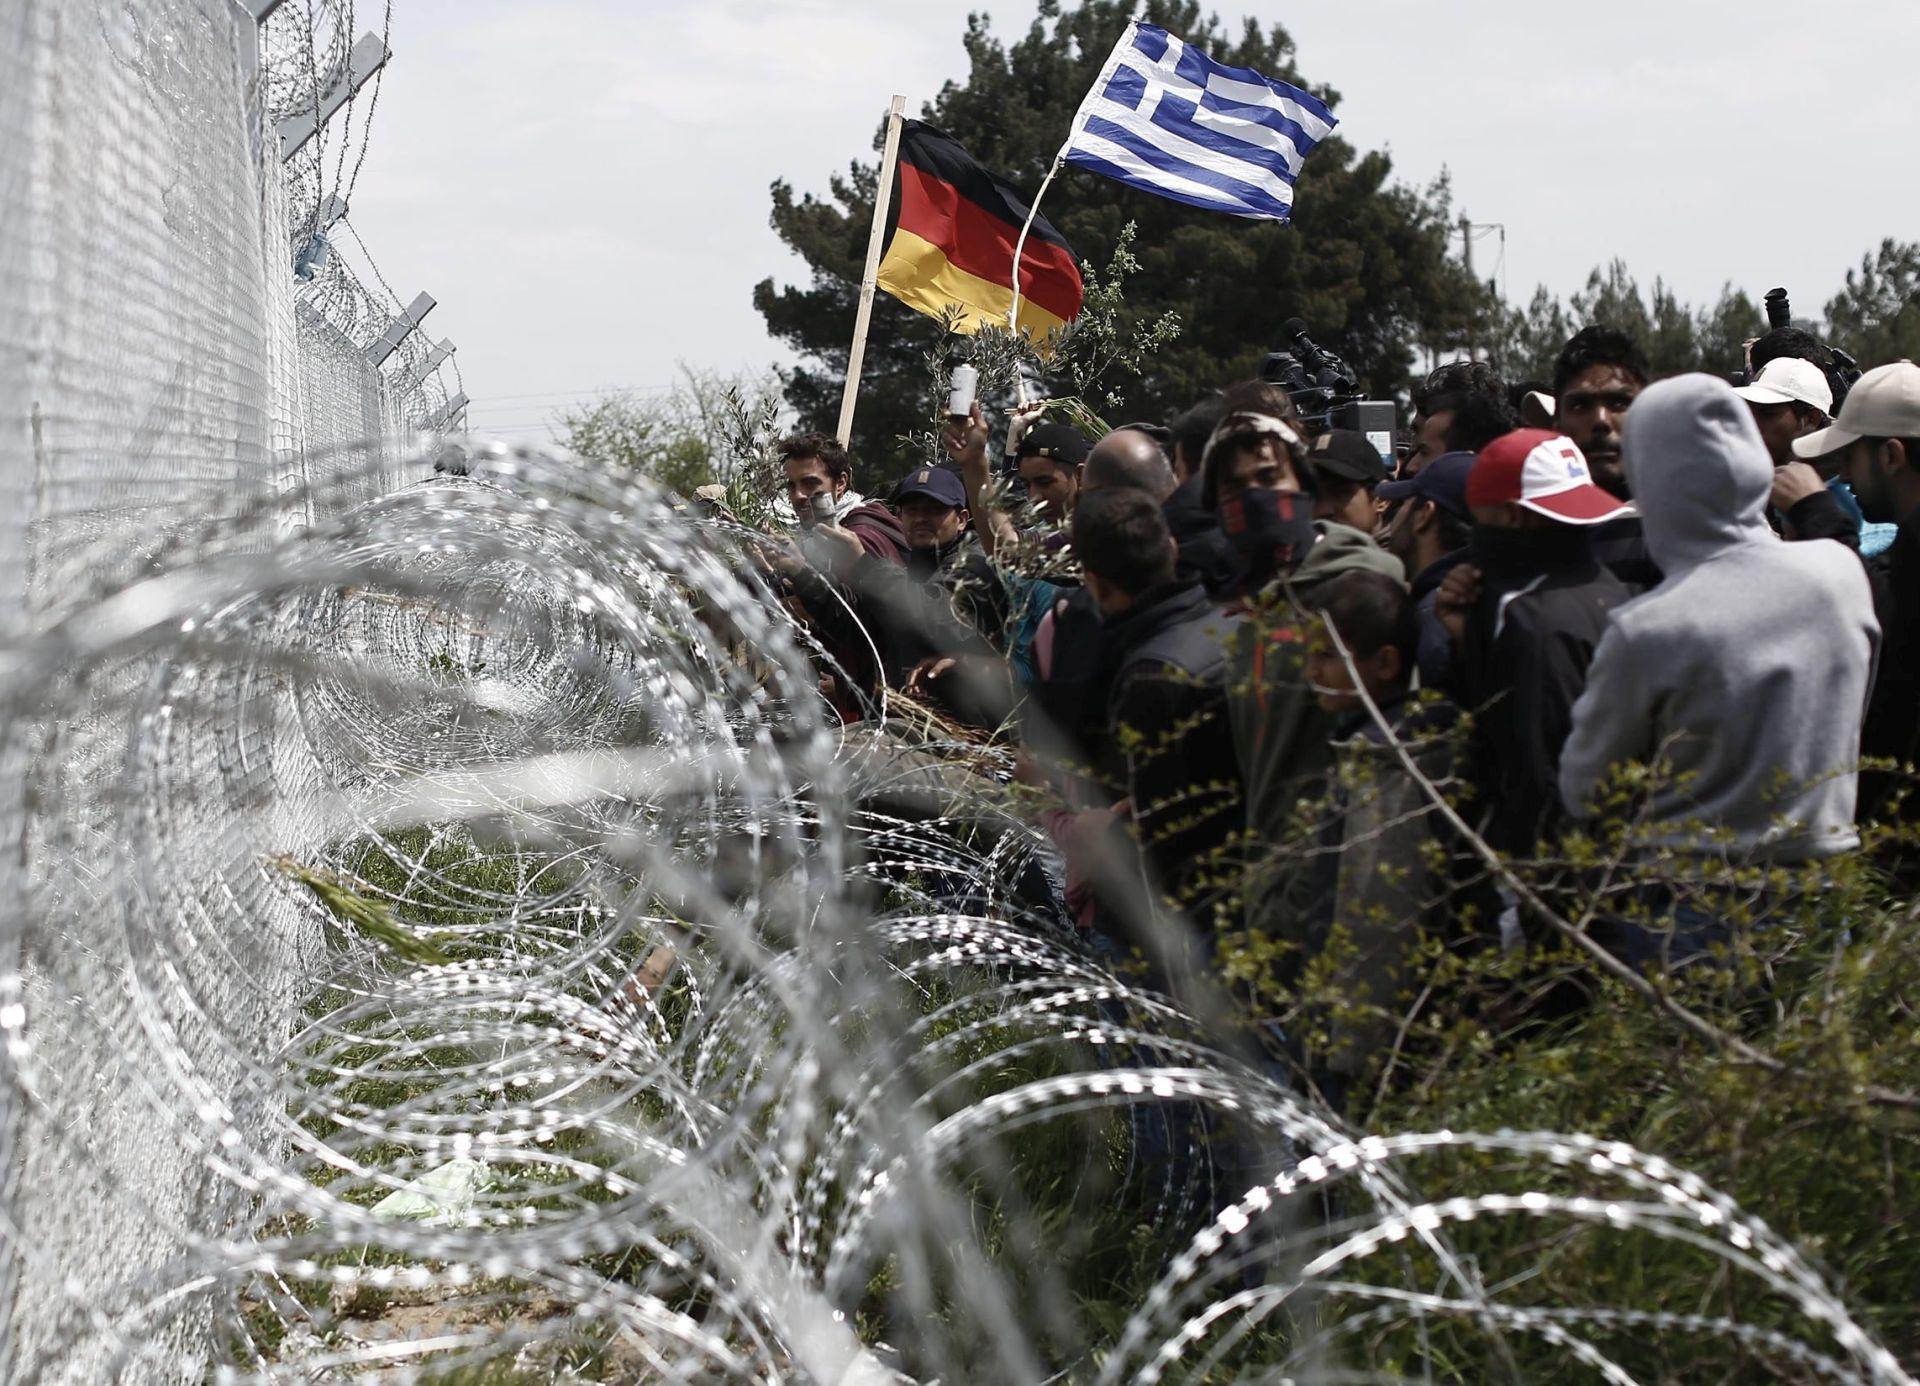 NAKON INCIDENTA: Stotine izbjeglica odlaze iz Idomenija u prihvatne centre